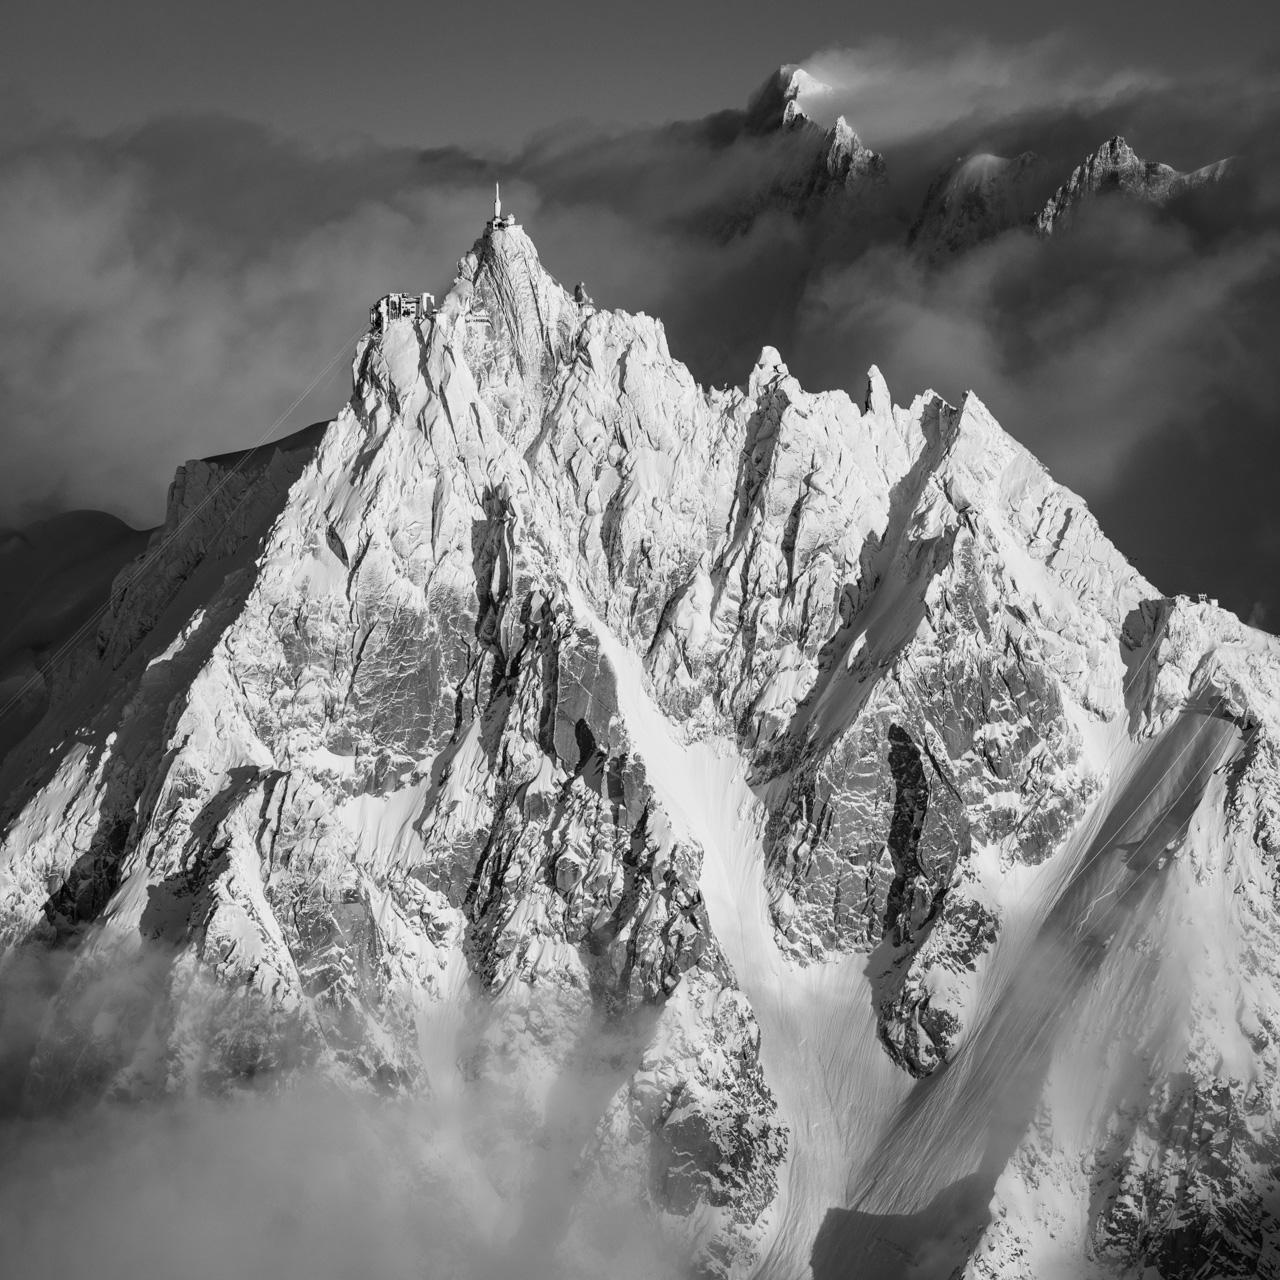 Photo de montagne de l'Aiguille du Midi - Chamonix vue aérienne - Montagne noir et banc- Télécabine de l'Aiguille du midi givrée